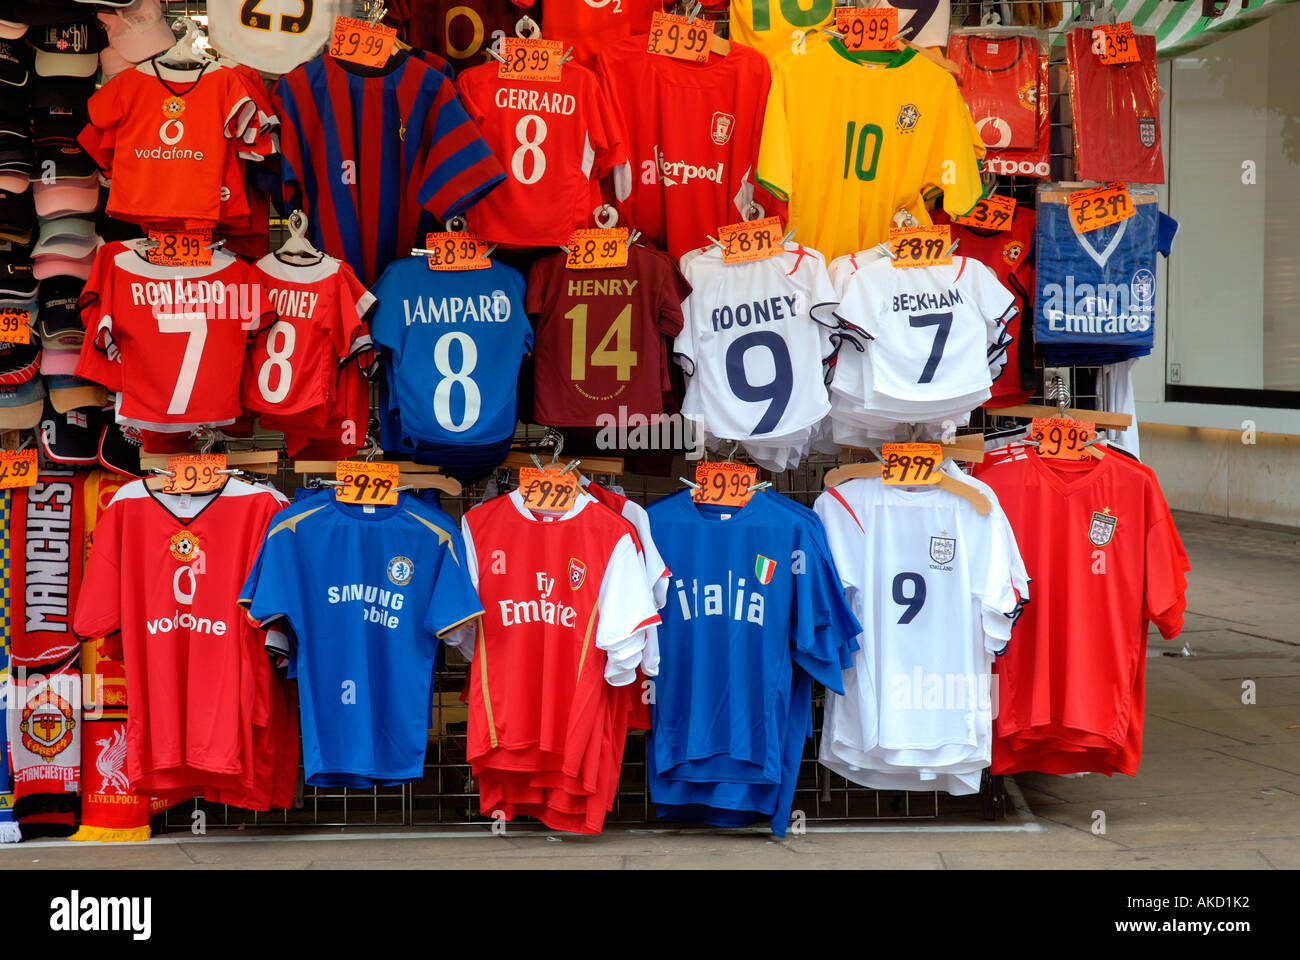 Puesto en el mercado con camisetas de fútbol en Oxford Street Londres Foto de stock